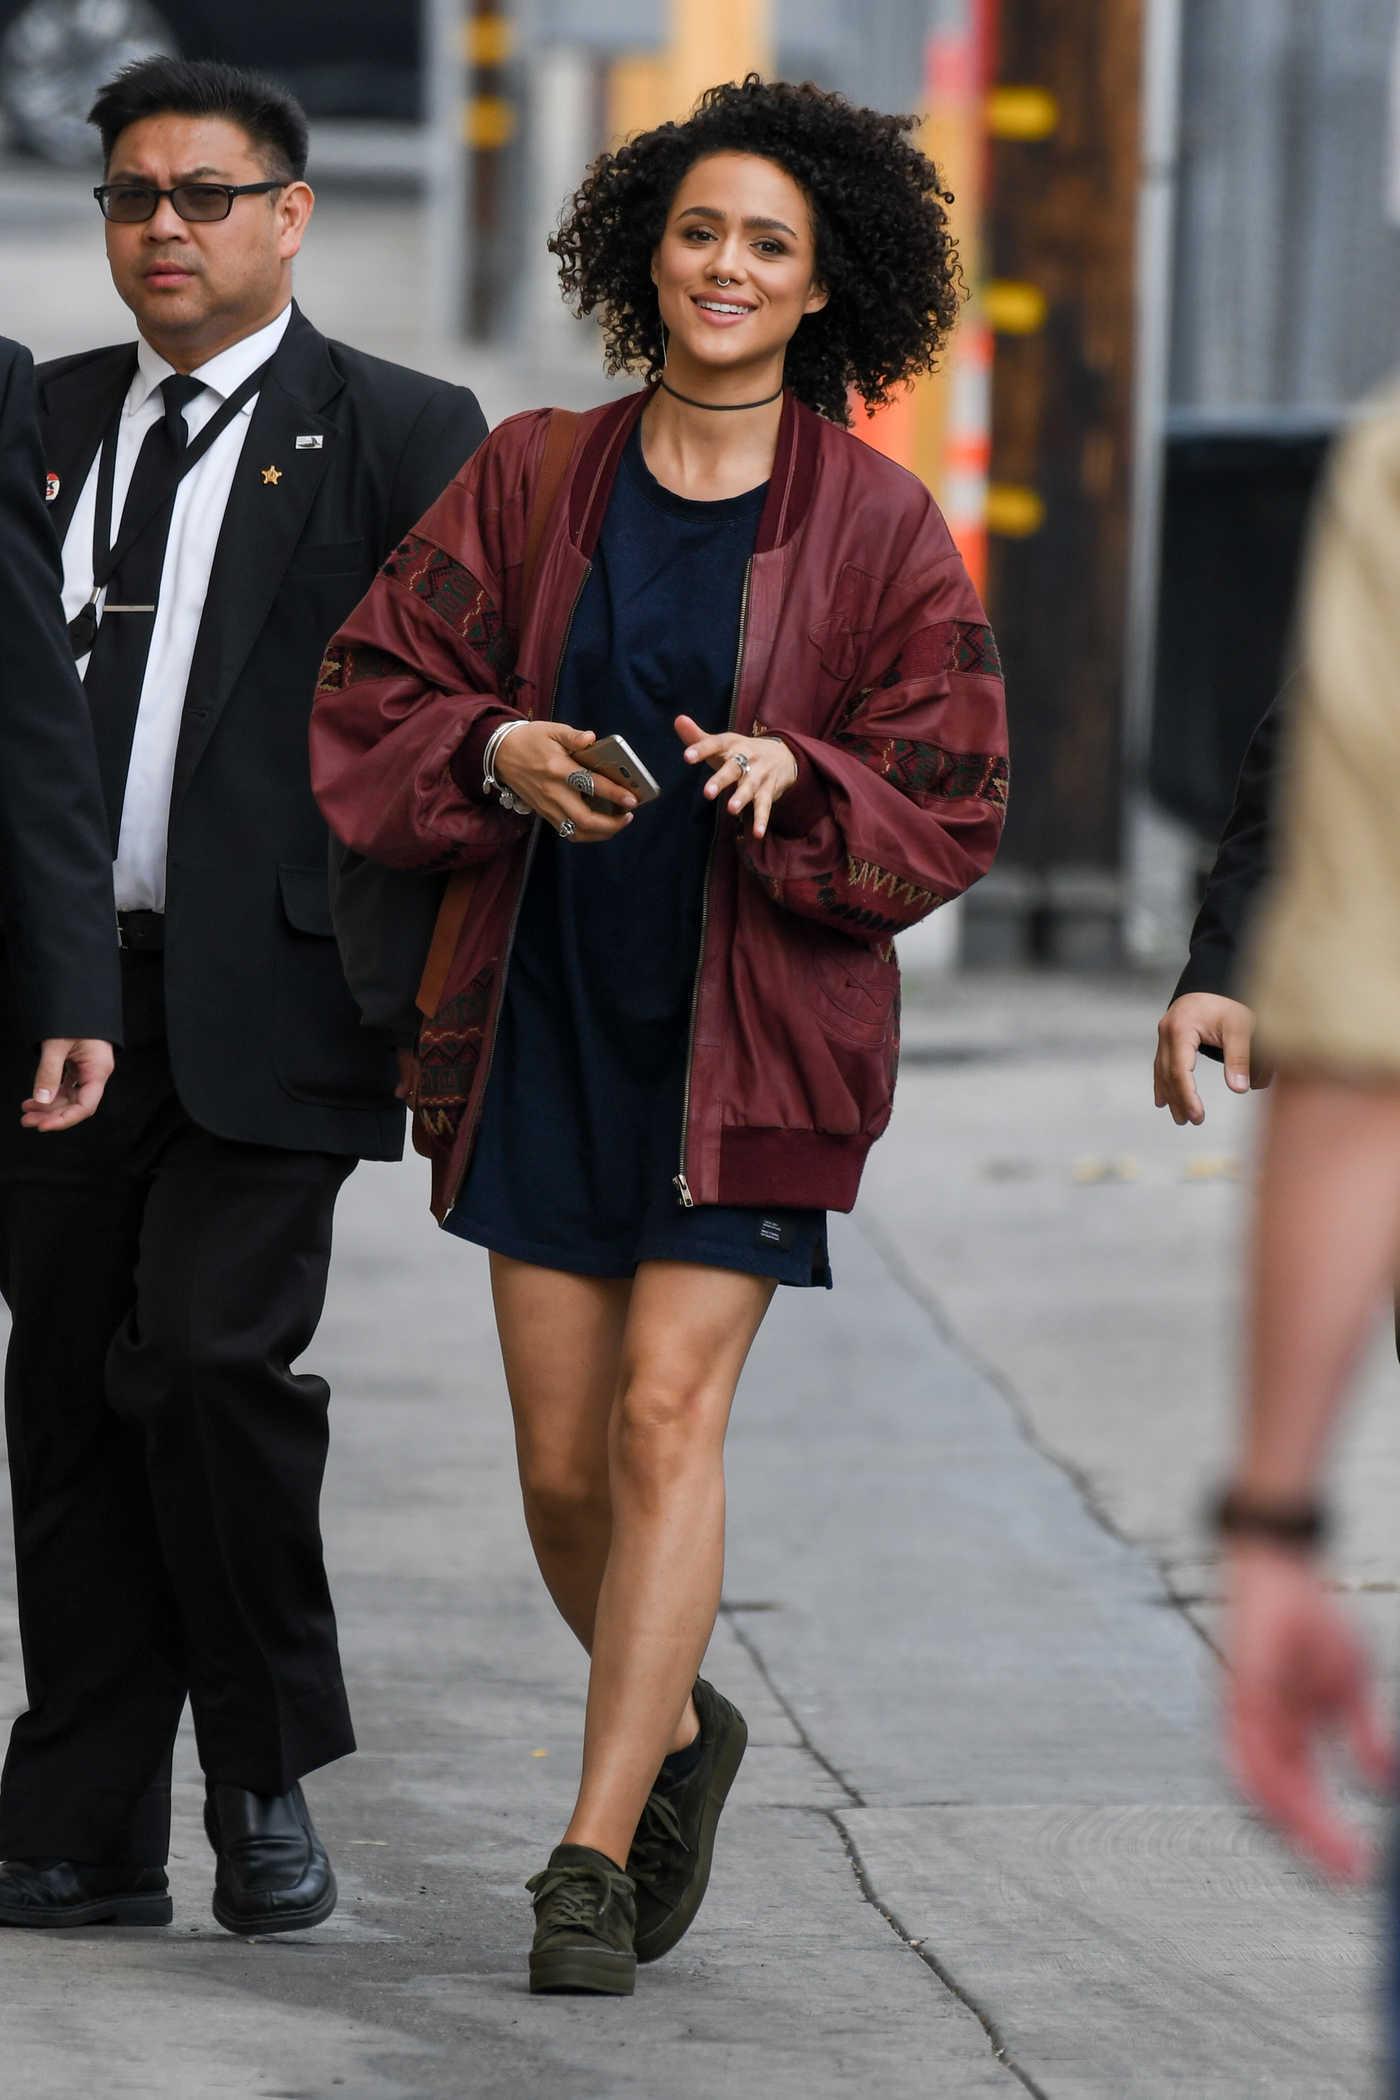 Nathalie Emmanuel Arrives at Jimmy Kimmel Live in Los Angeles 04/06/2017